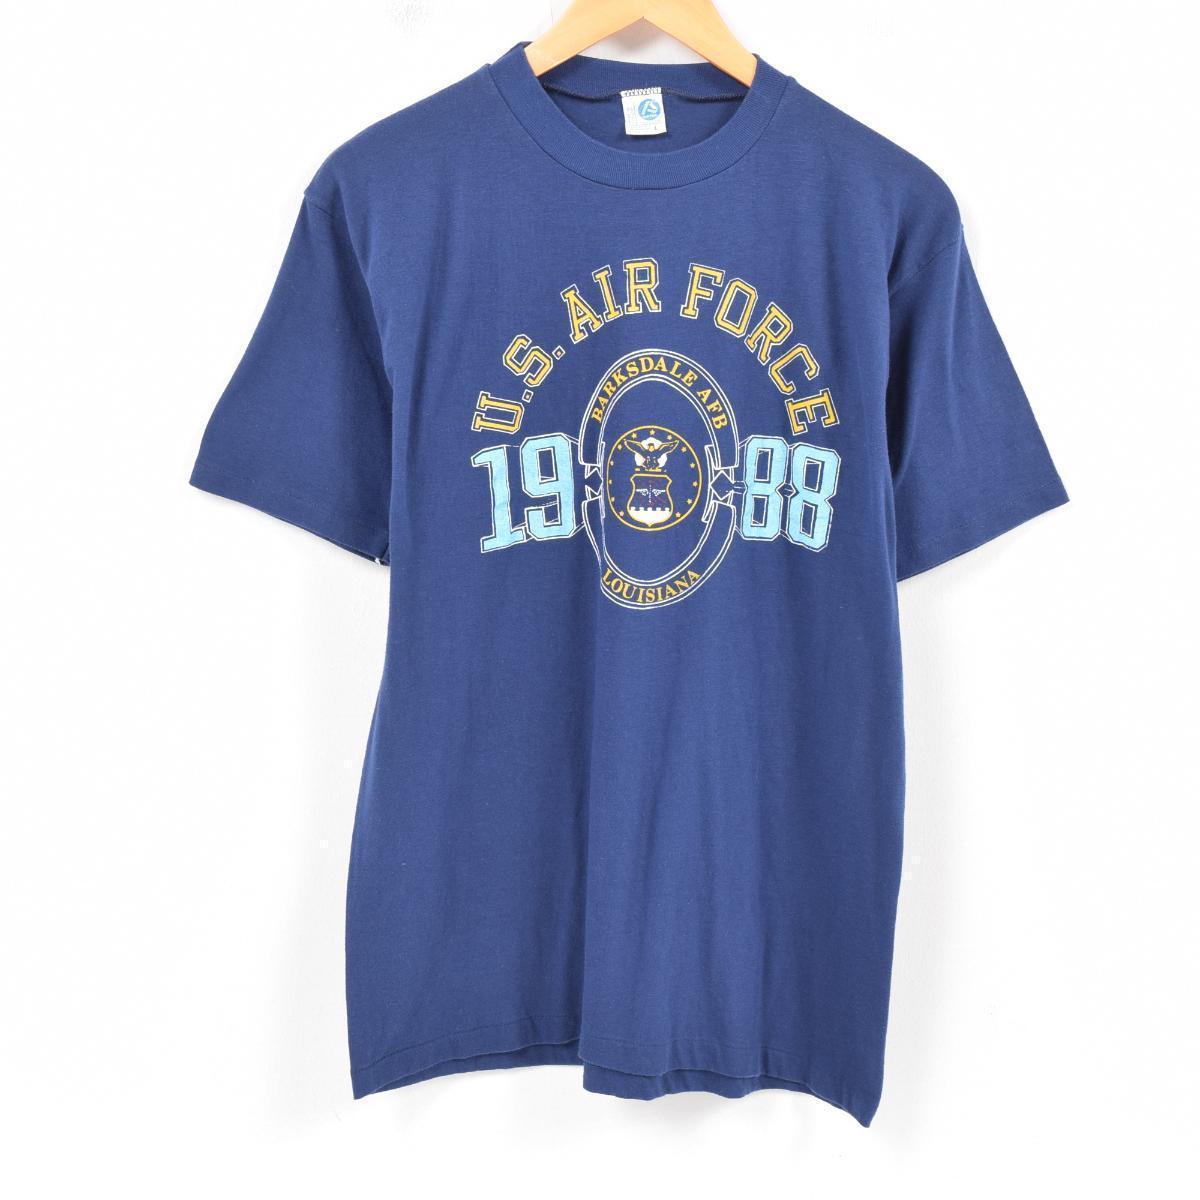 3b204f54865d9c Men L vintage /war7532 in the 80s made in Altech's ARTEX U.S.AIR FORCE  military print T-shirt USA